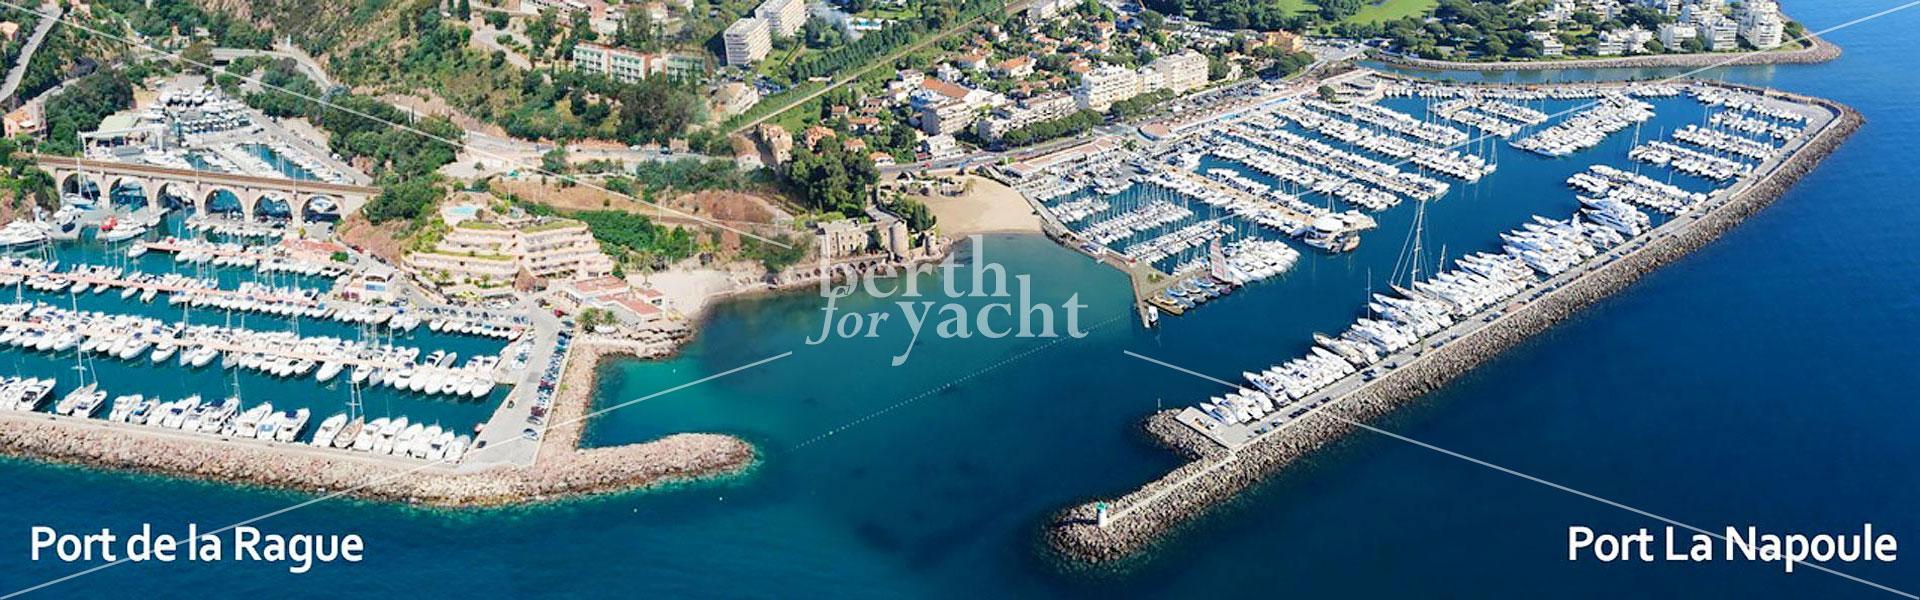 Place de yacht Port de la Rague Mandelieu